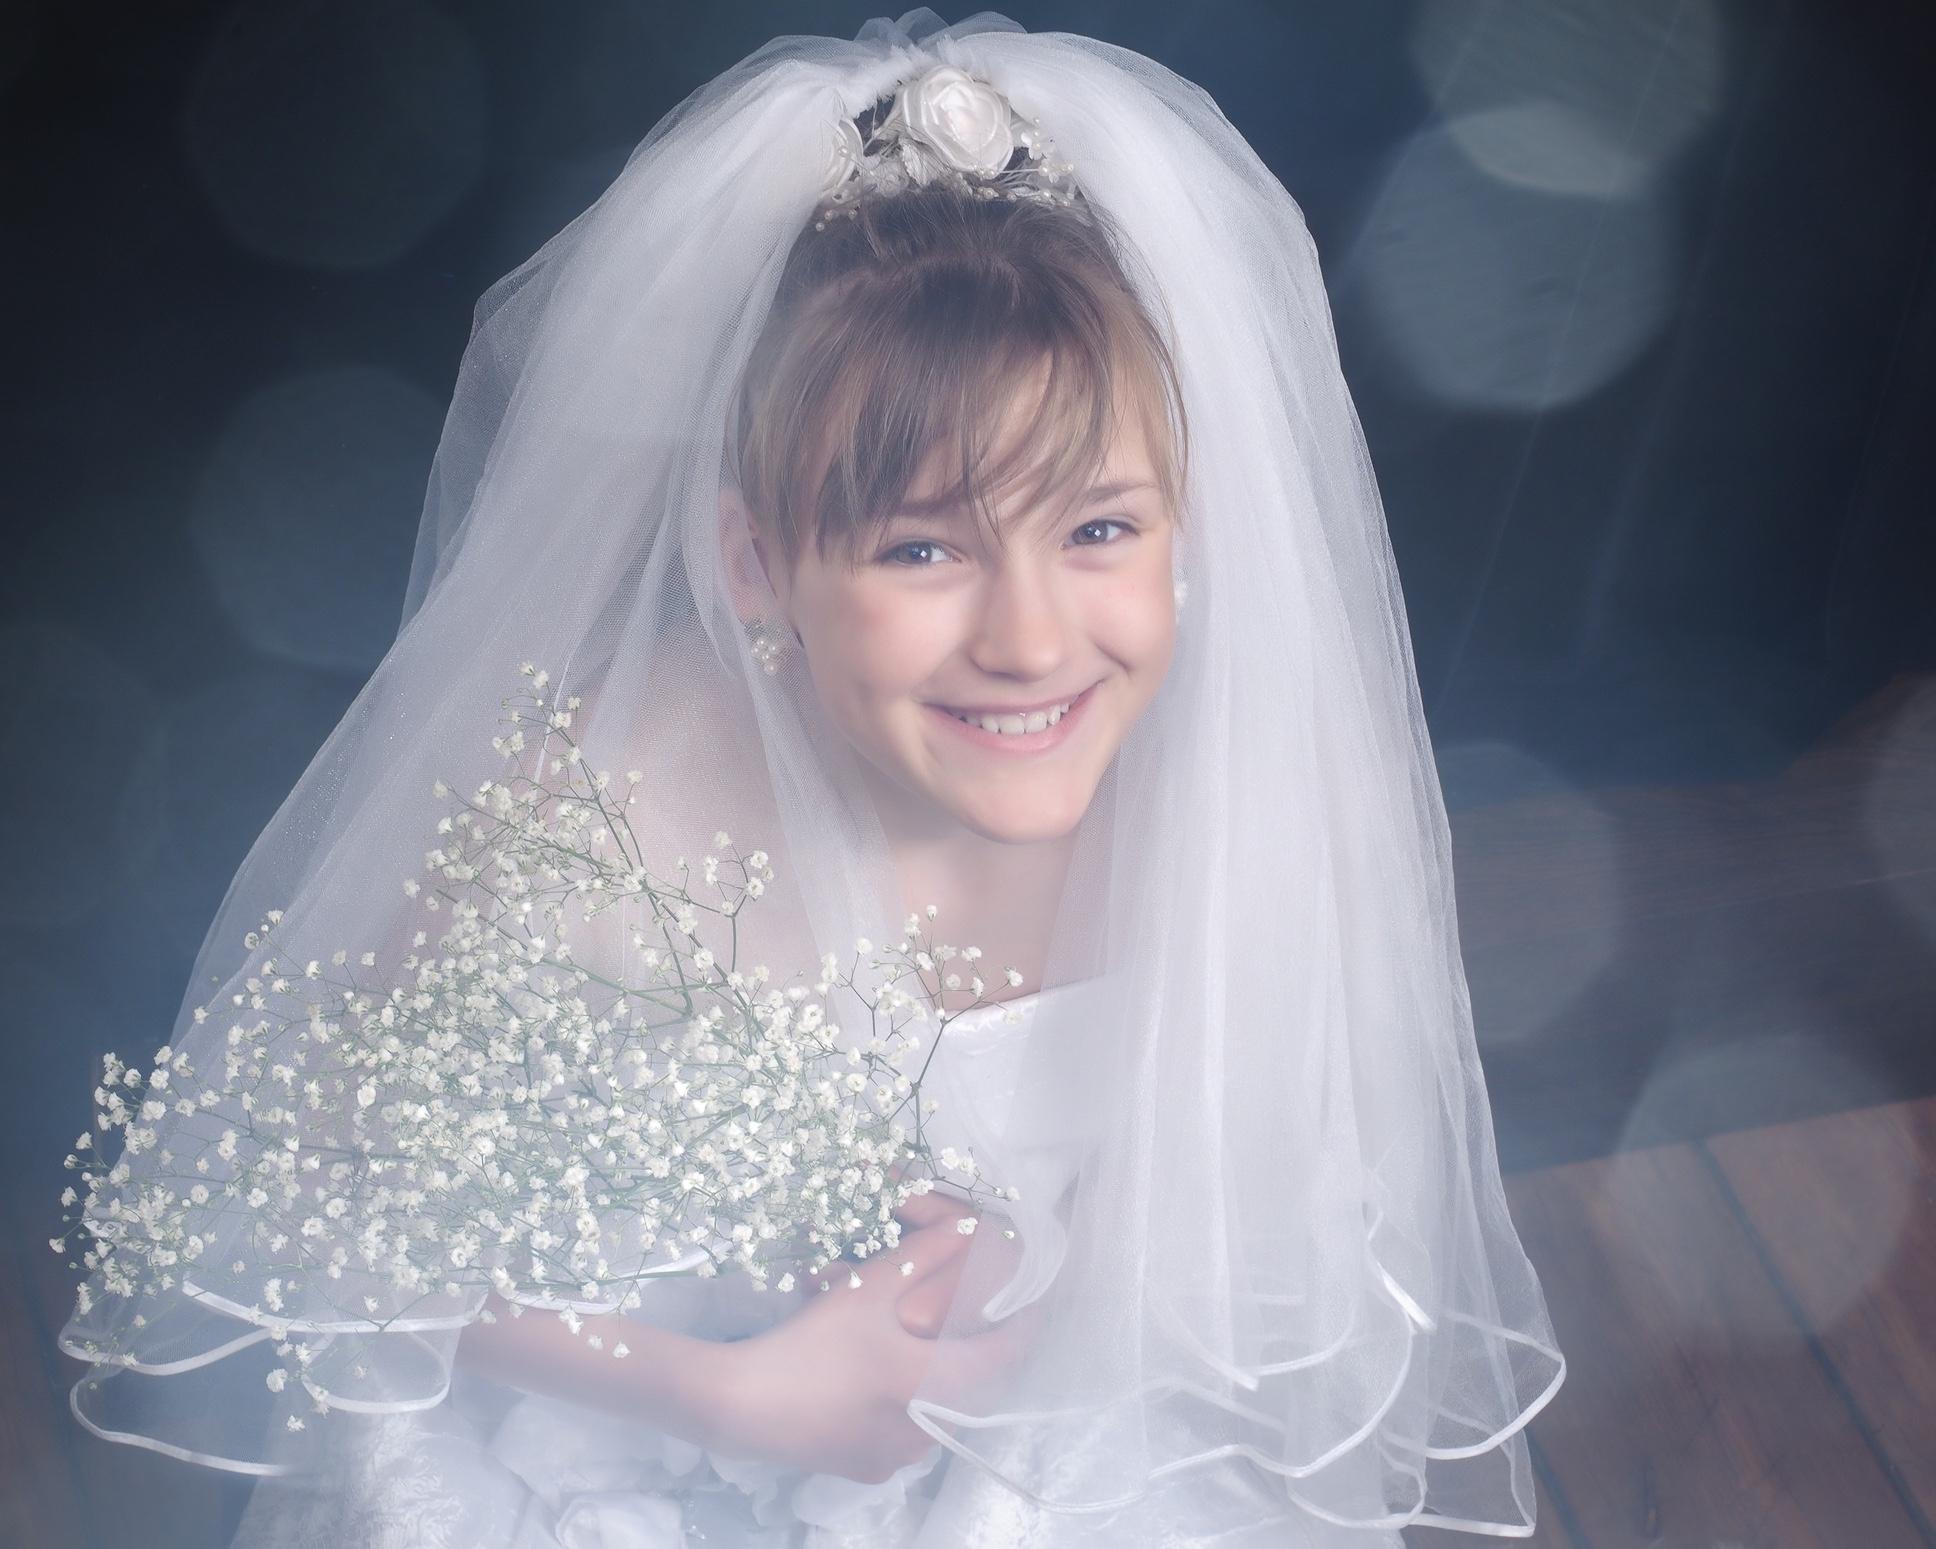 Child Brides Find Help From Hindu Priests | Blog ...